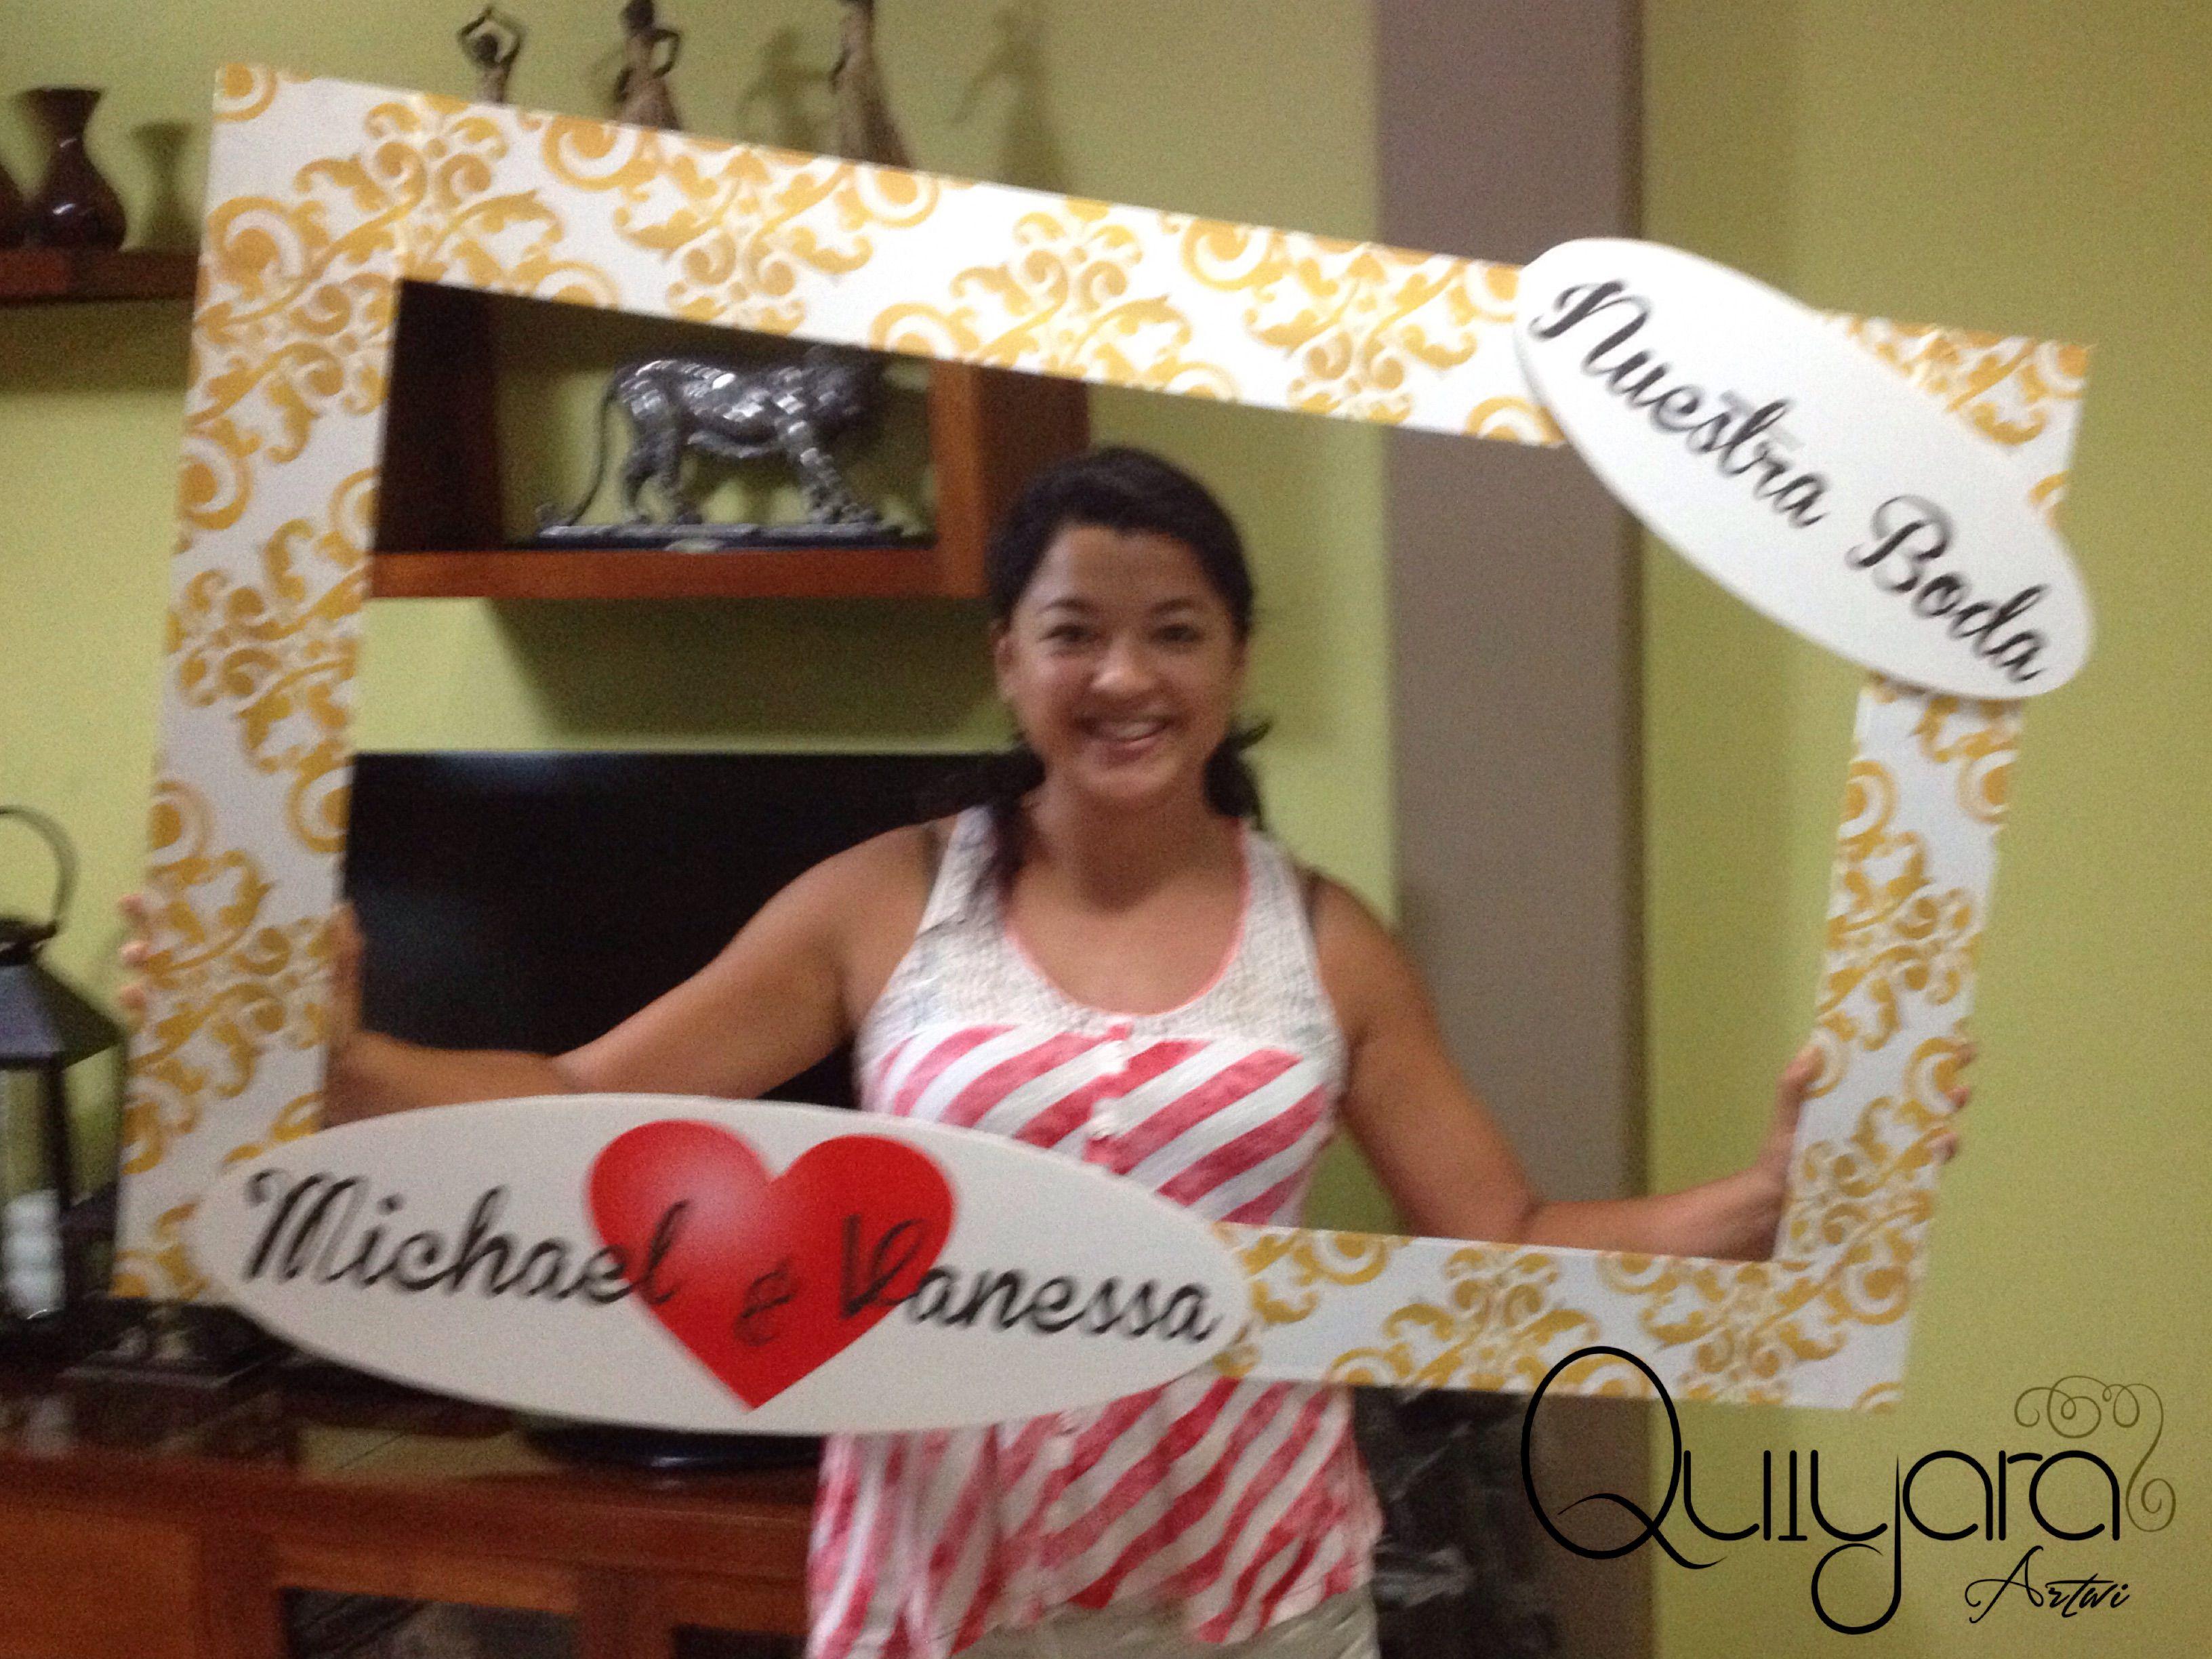 Cuadros para fotos personalizados cuadro tama o real cuadro para boda cuadro arabescos - Cuadros fotos personalizados ...